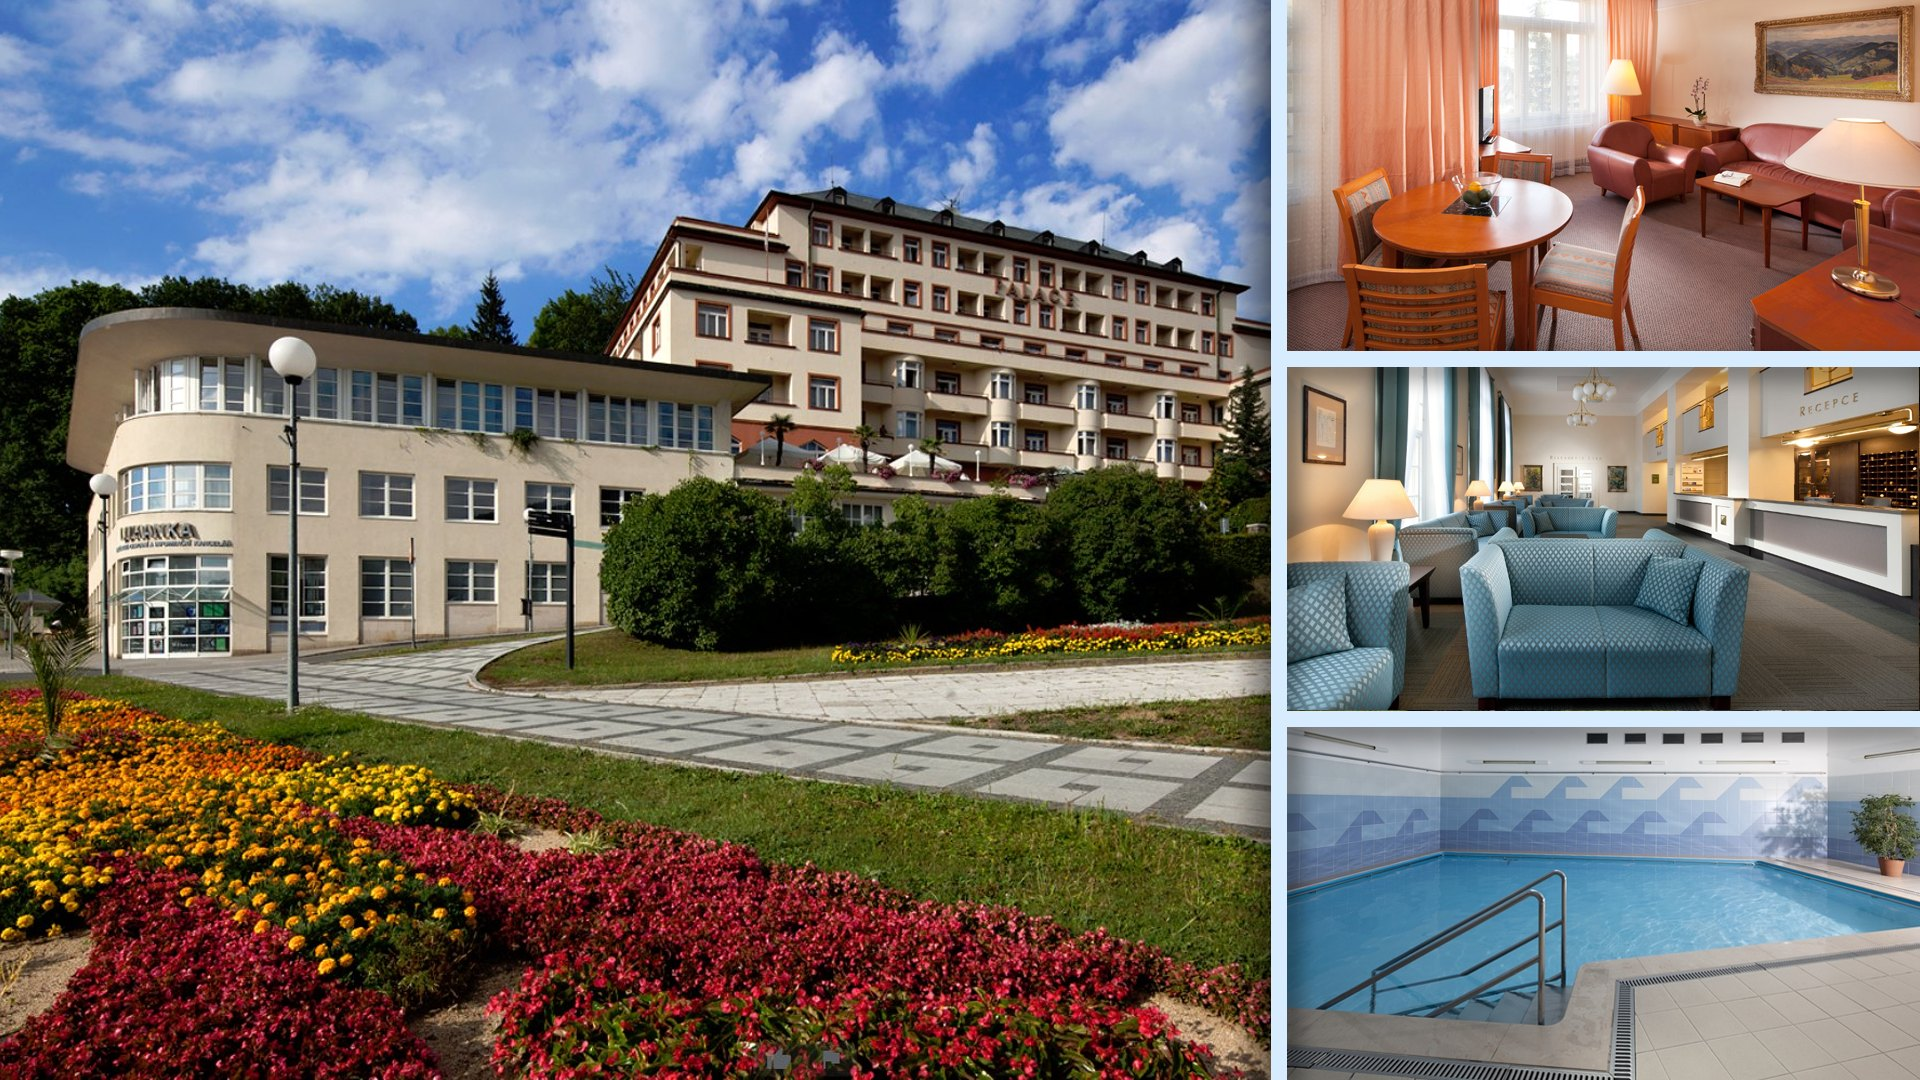 Hotel Palace Luhačovice - Prvotřídní hotel a služby v centru lázní